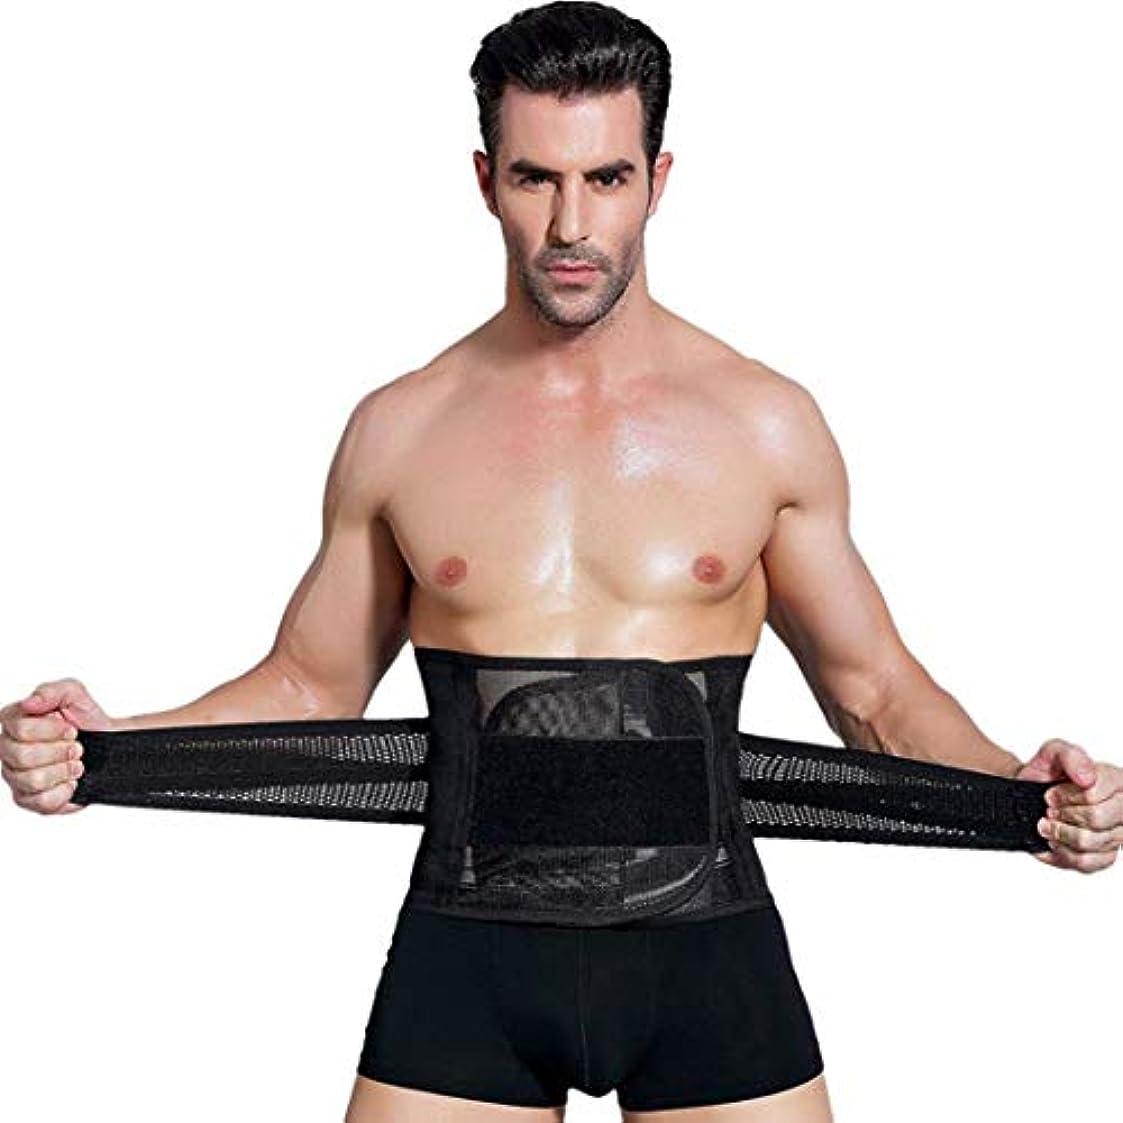 本能瞑想的ソーシャル男性ボディシェイパーコルセット腹部おなかコントロールウエストトレーナーニッパー脂肪燃焼ガードル痩身腹ベルト用男性 - ブラックXXL